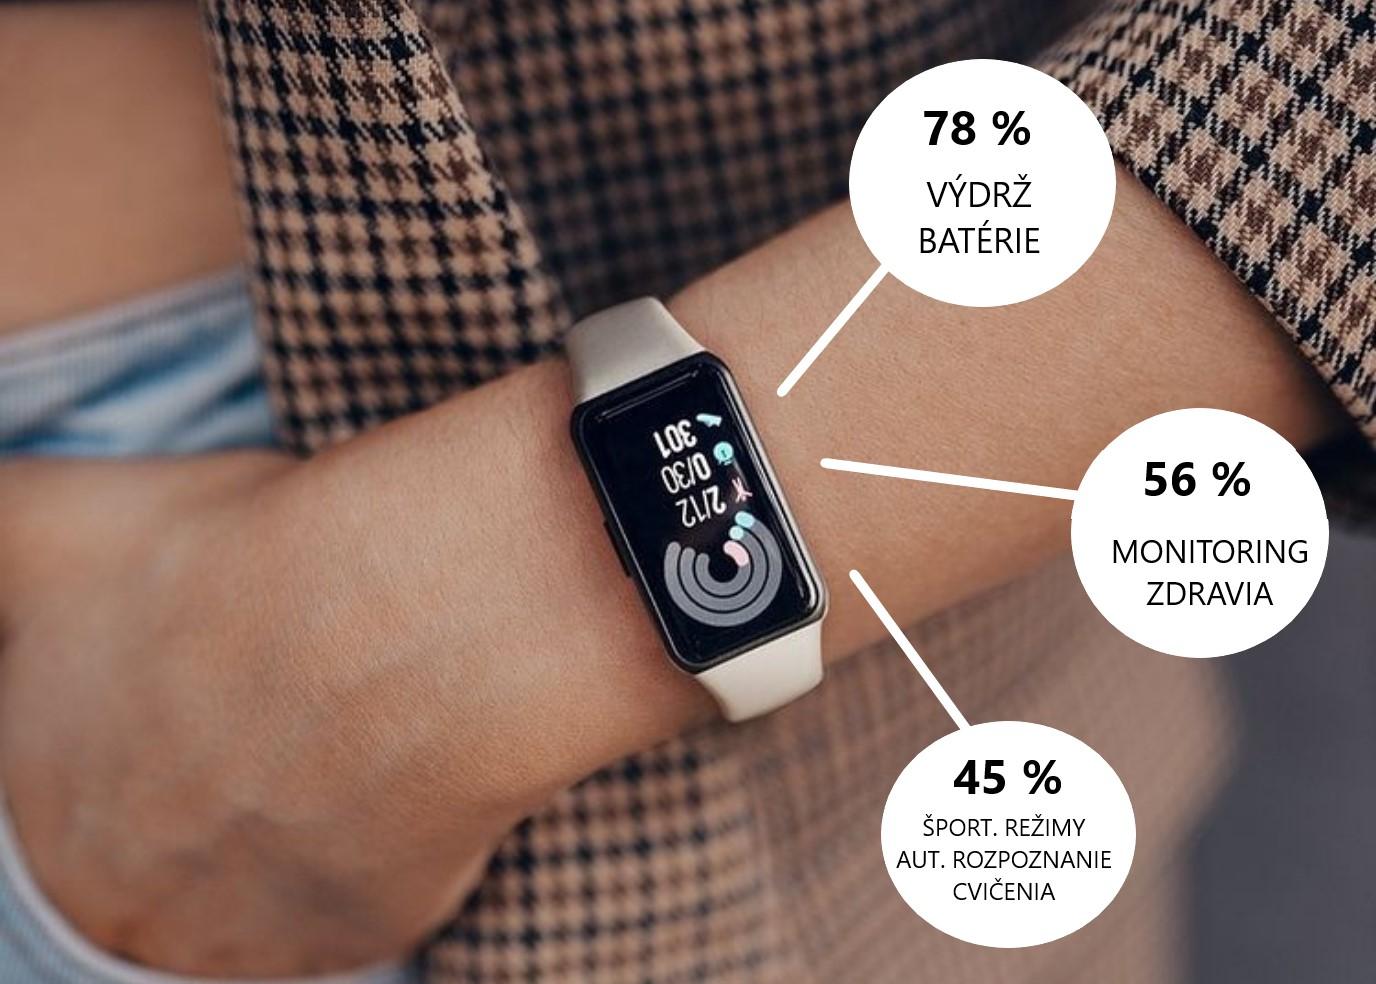 Prečo Česi a Slováci kupujú inteligentné hodinky a náramky?